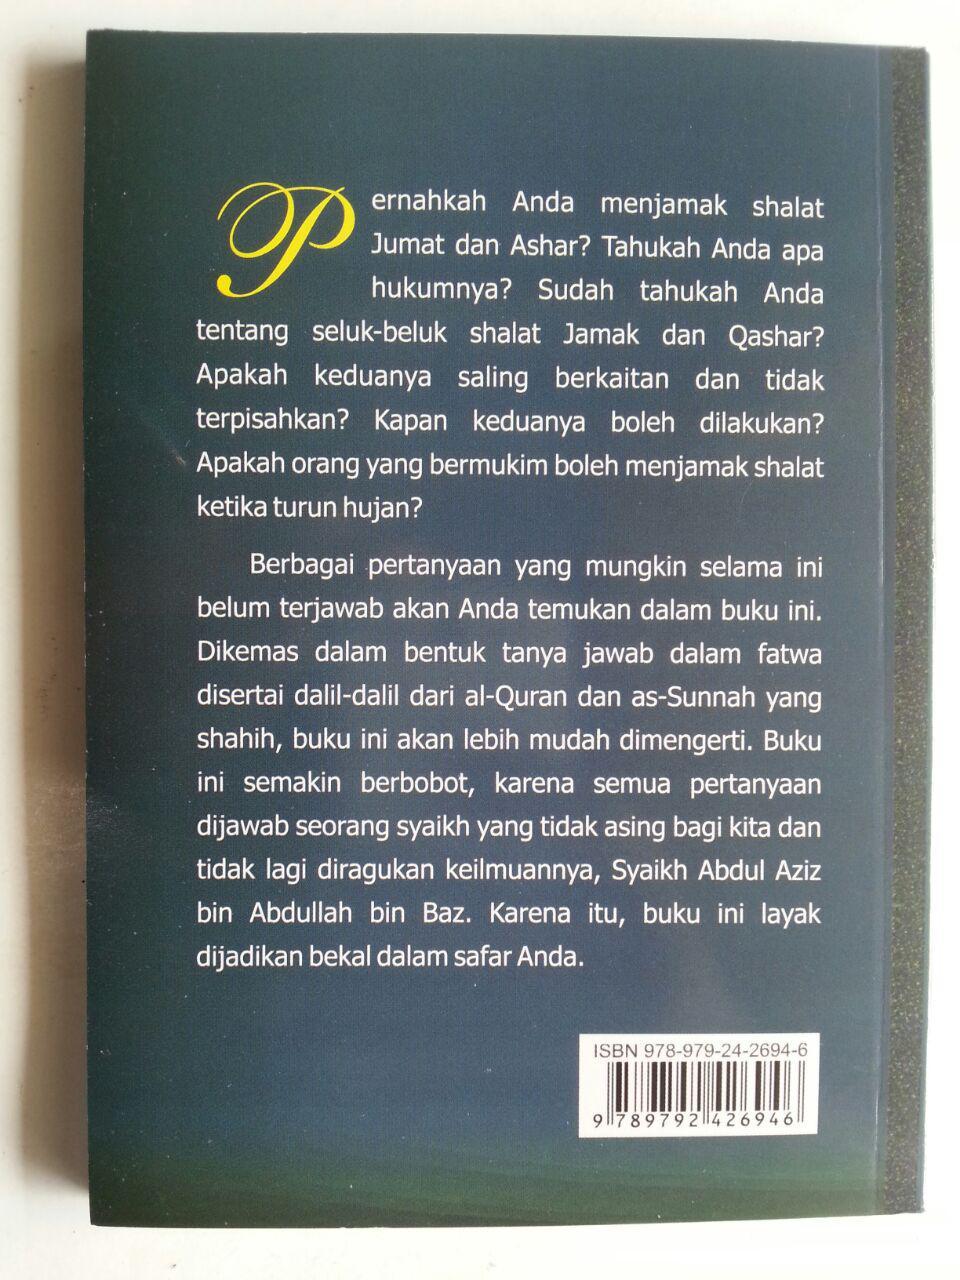 Buku Panduan Shalat Jamak Dan Qashar cover